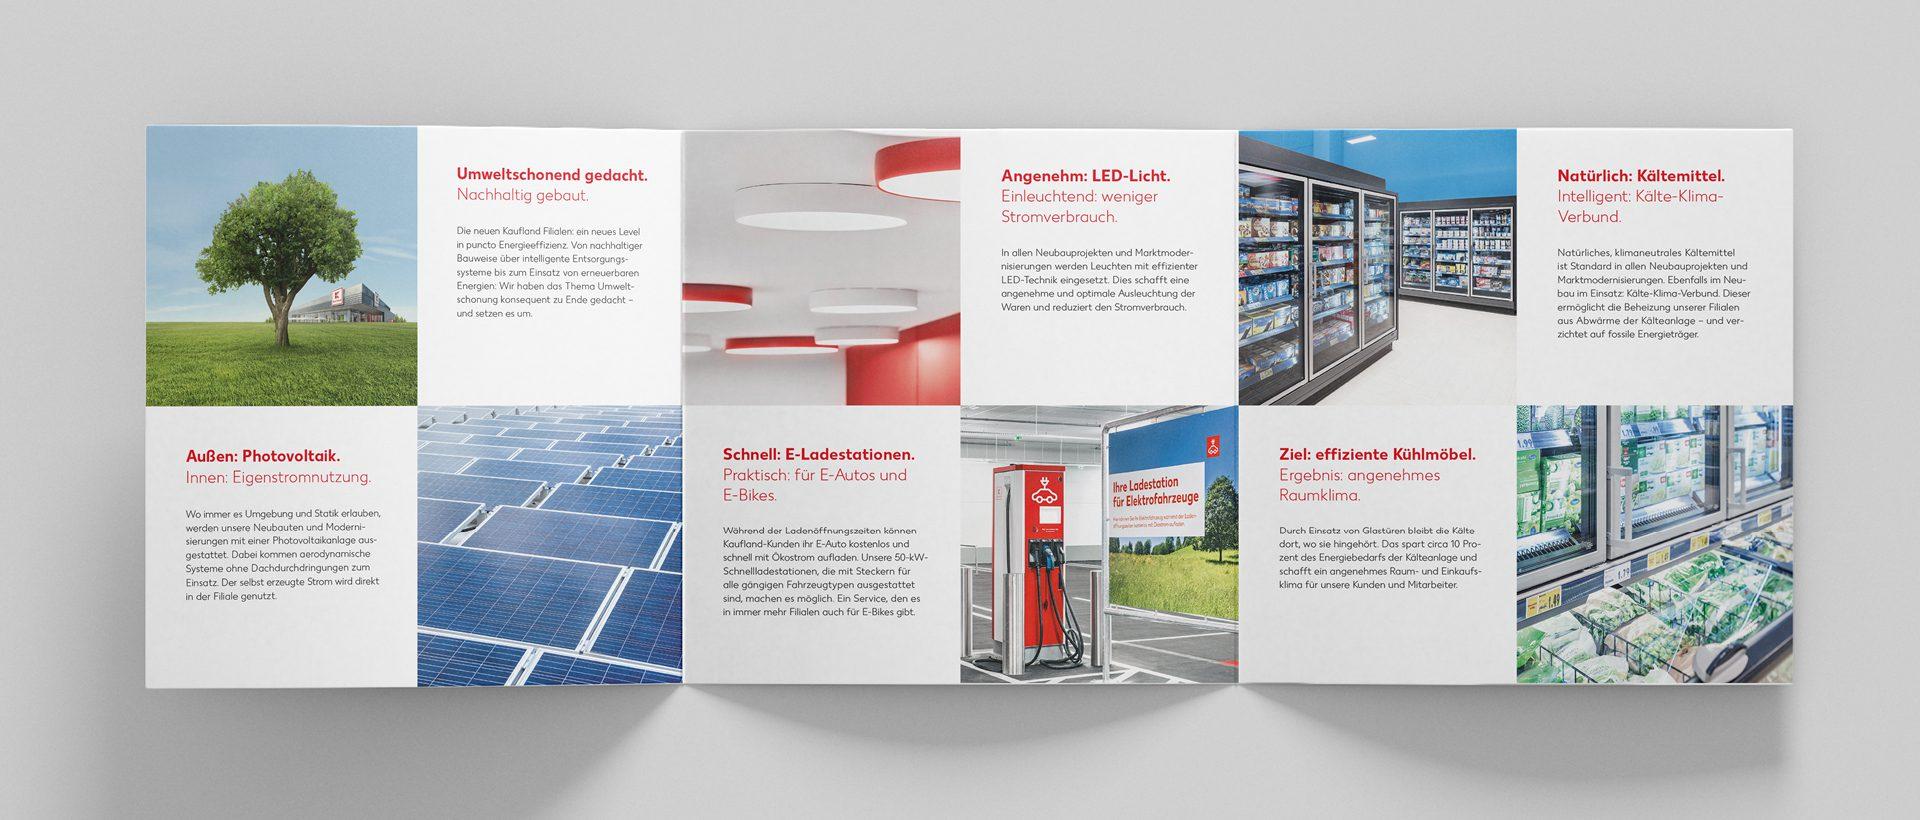 Kaufland Immobilien - Broschüre 2